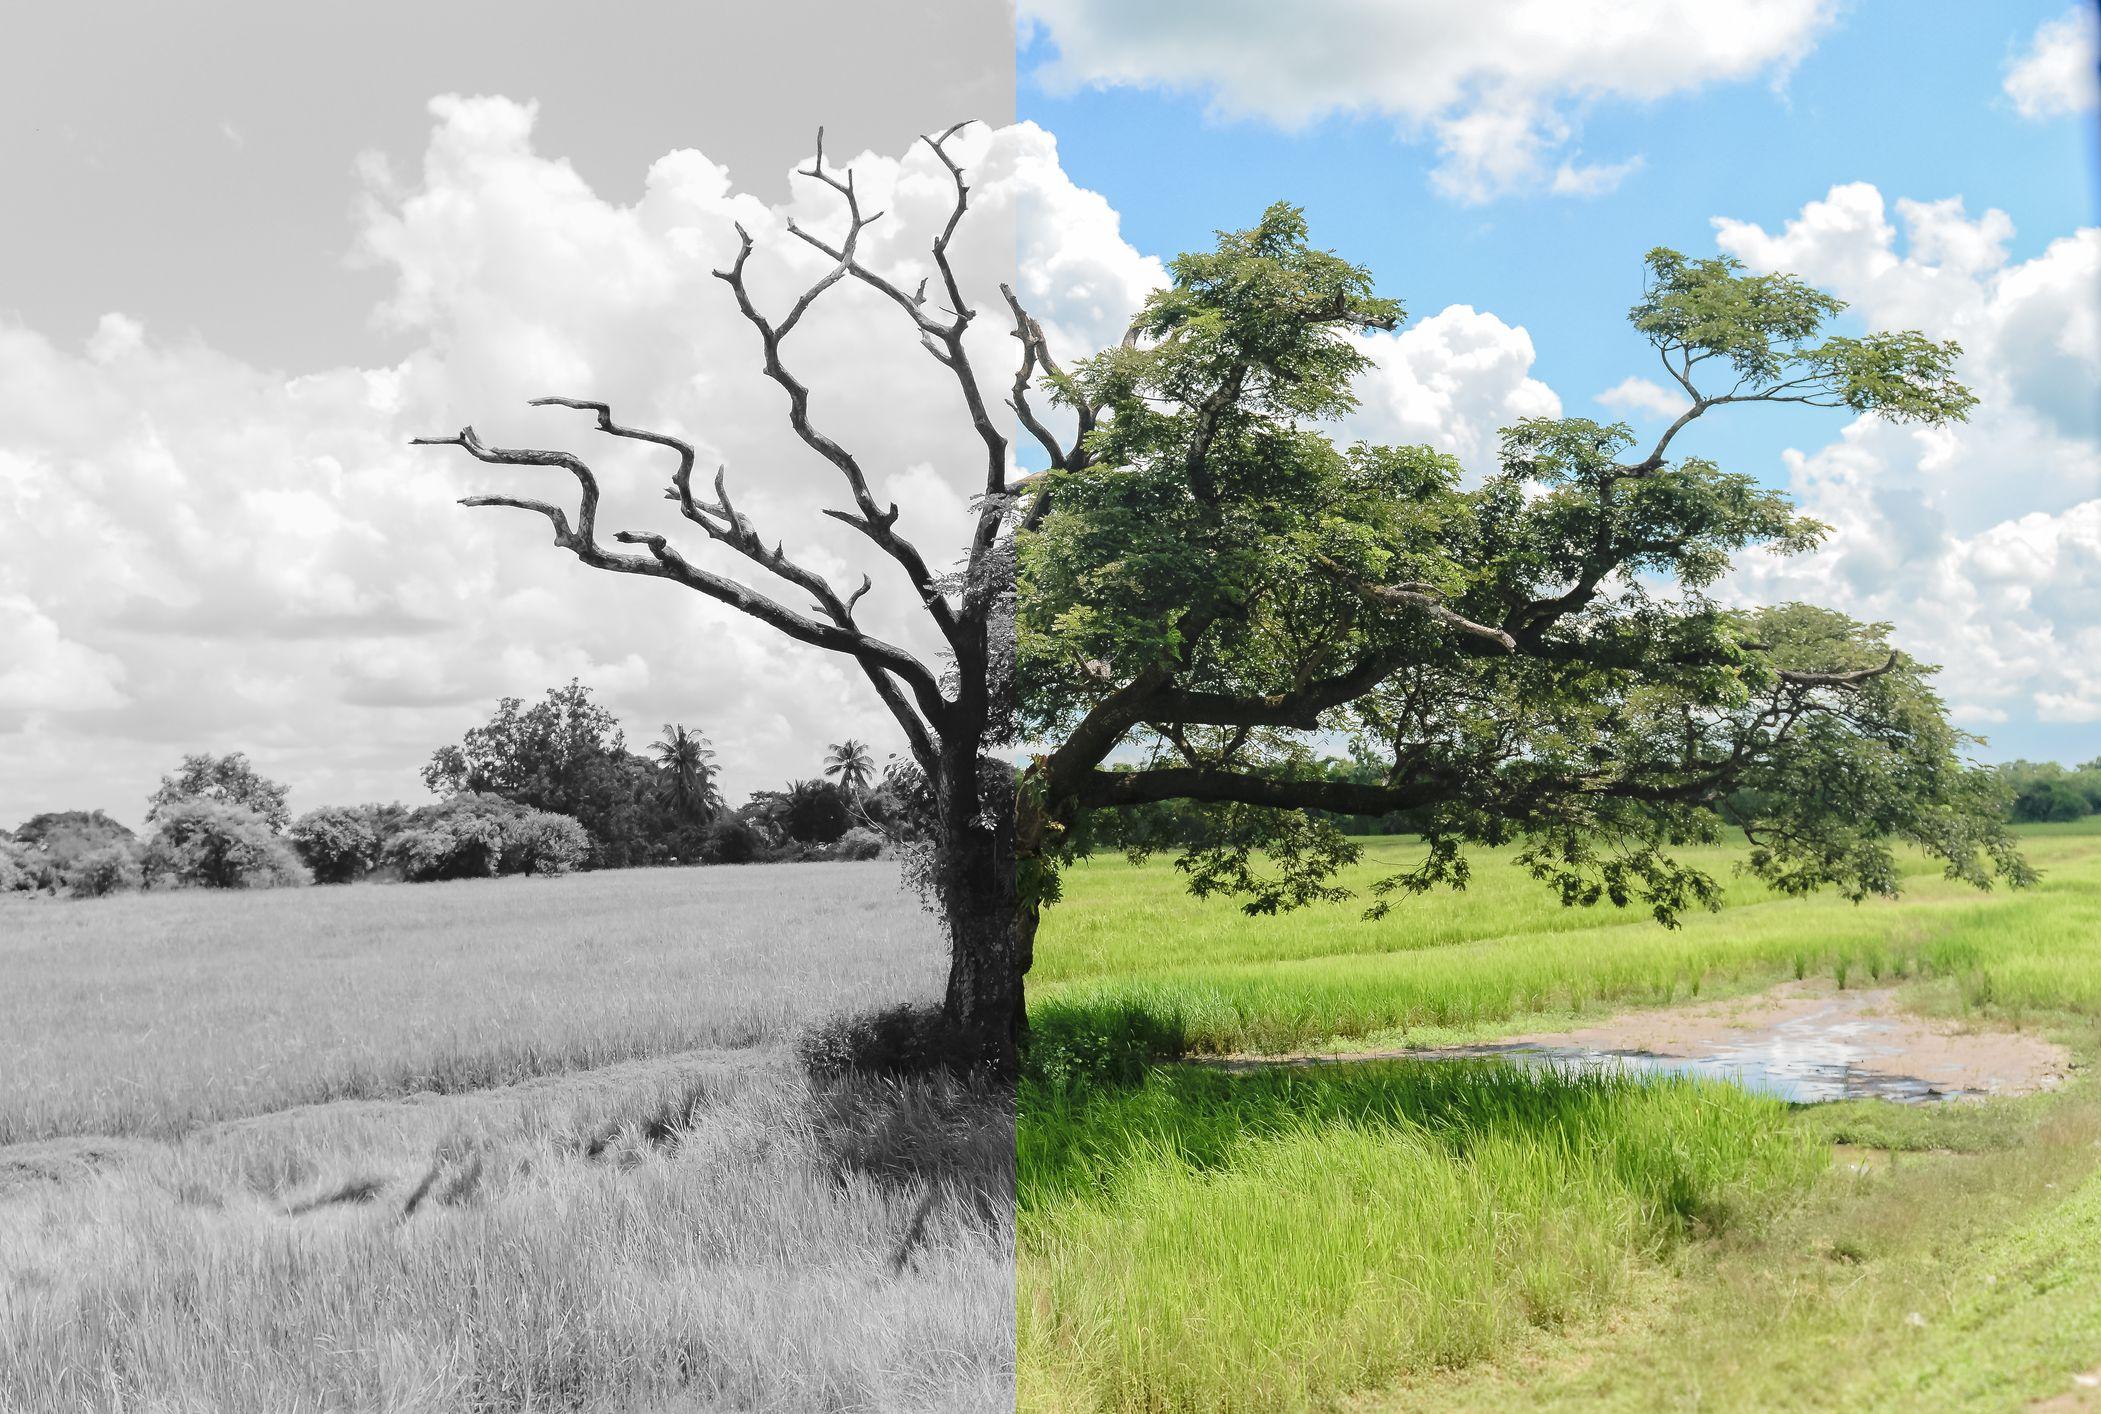 Por qué los Cambios en la Naturaleza son el Signo de Dios Purificando la Tierra